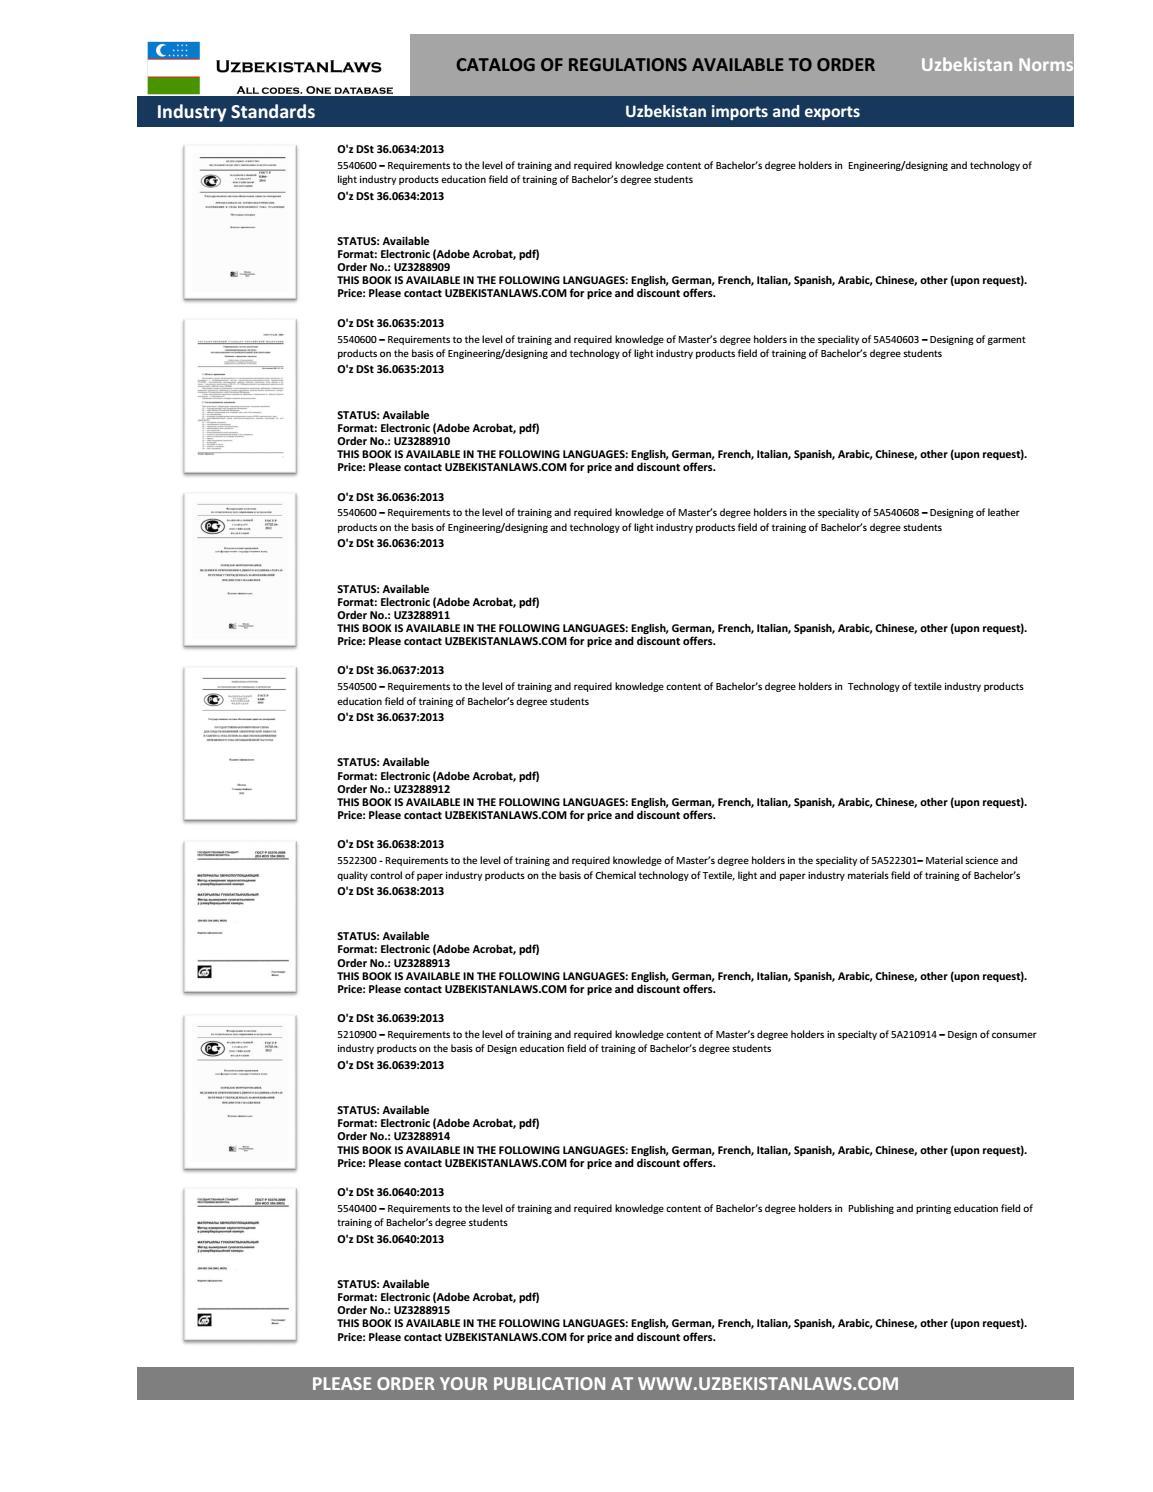 Uzbekistan gesetze , regulations catalog, translated (english